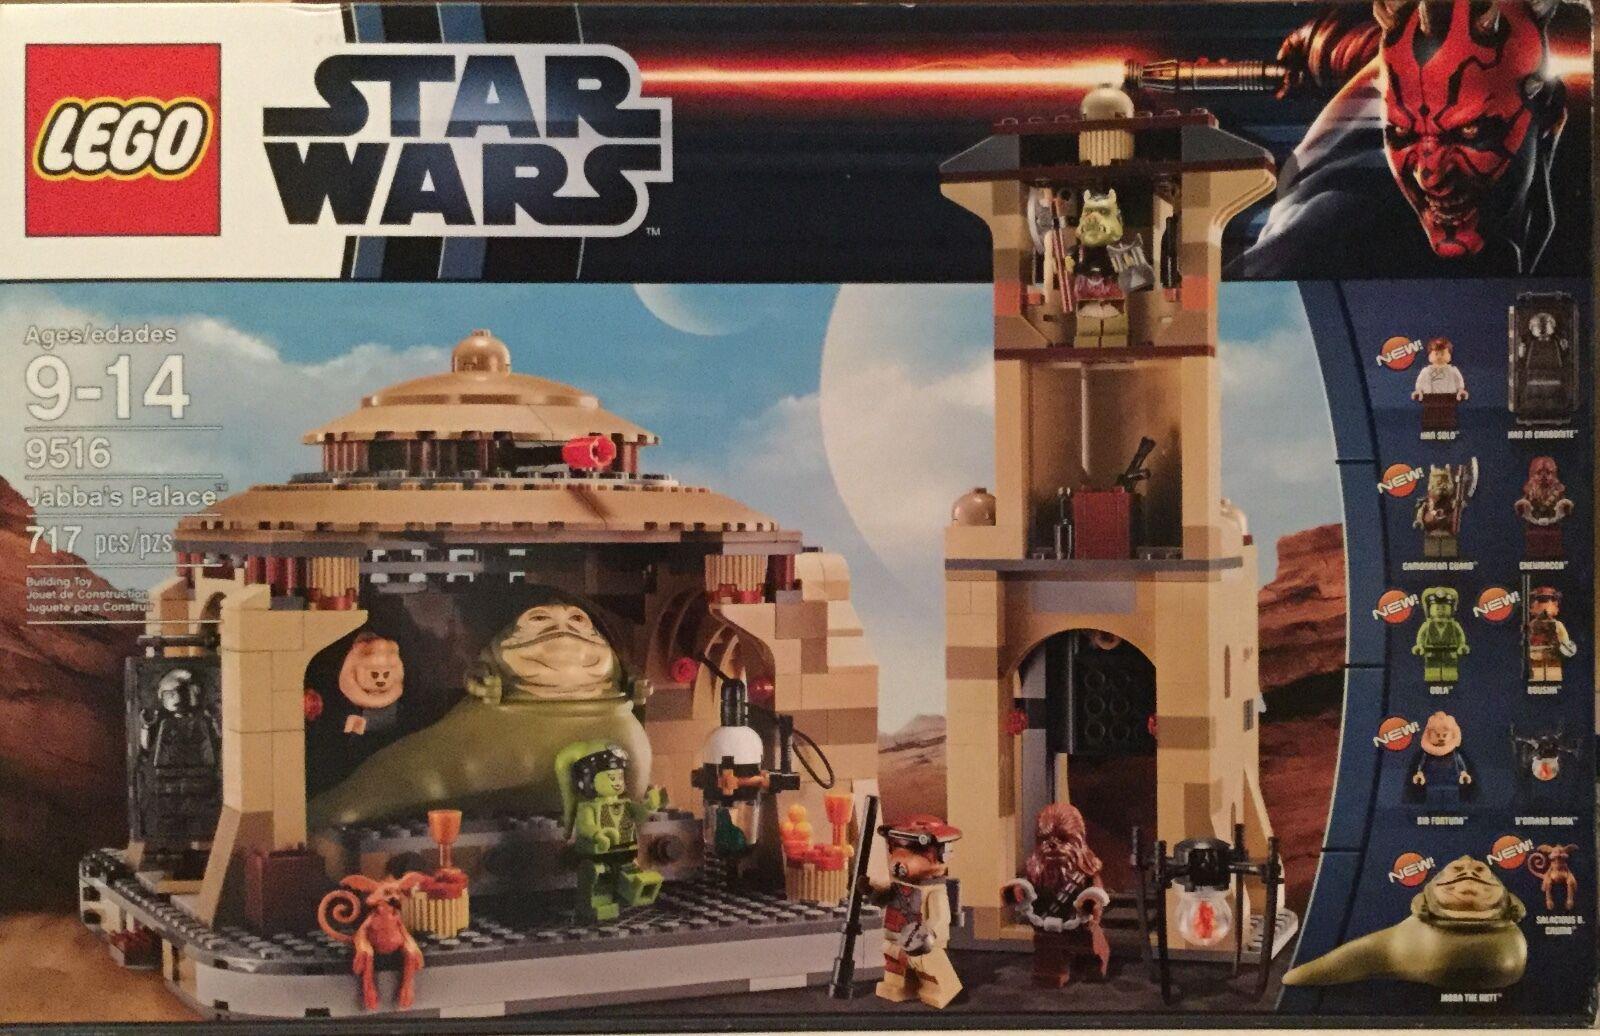 LEGO estrella guerras 9516 717 pcs 10 mini  cifras JABBA'S PALACE Han Solo autobonite  più ordine